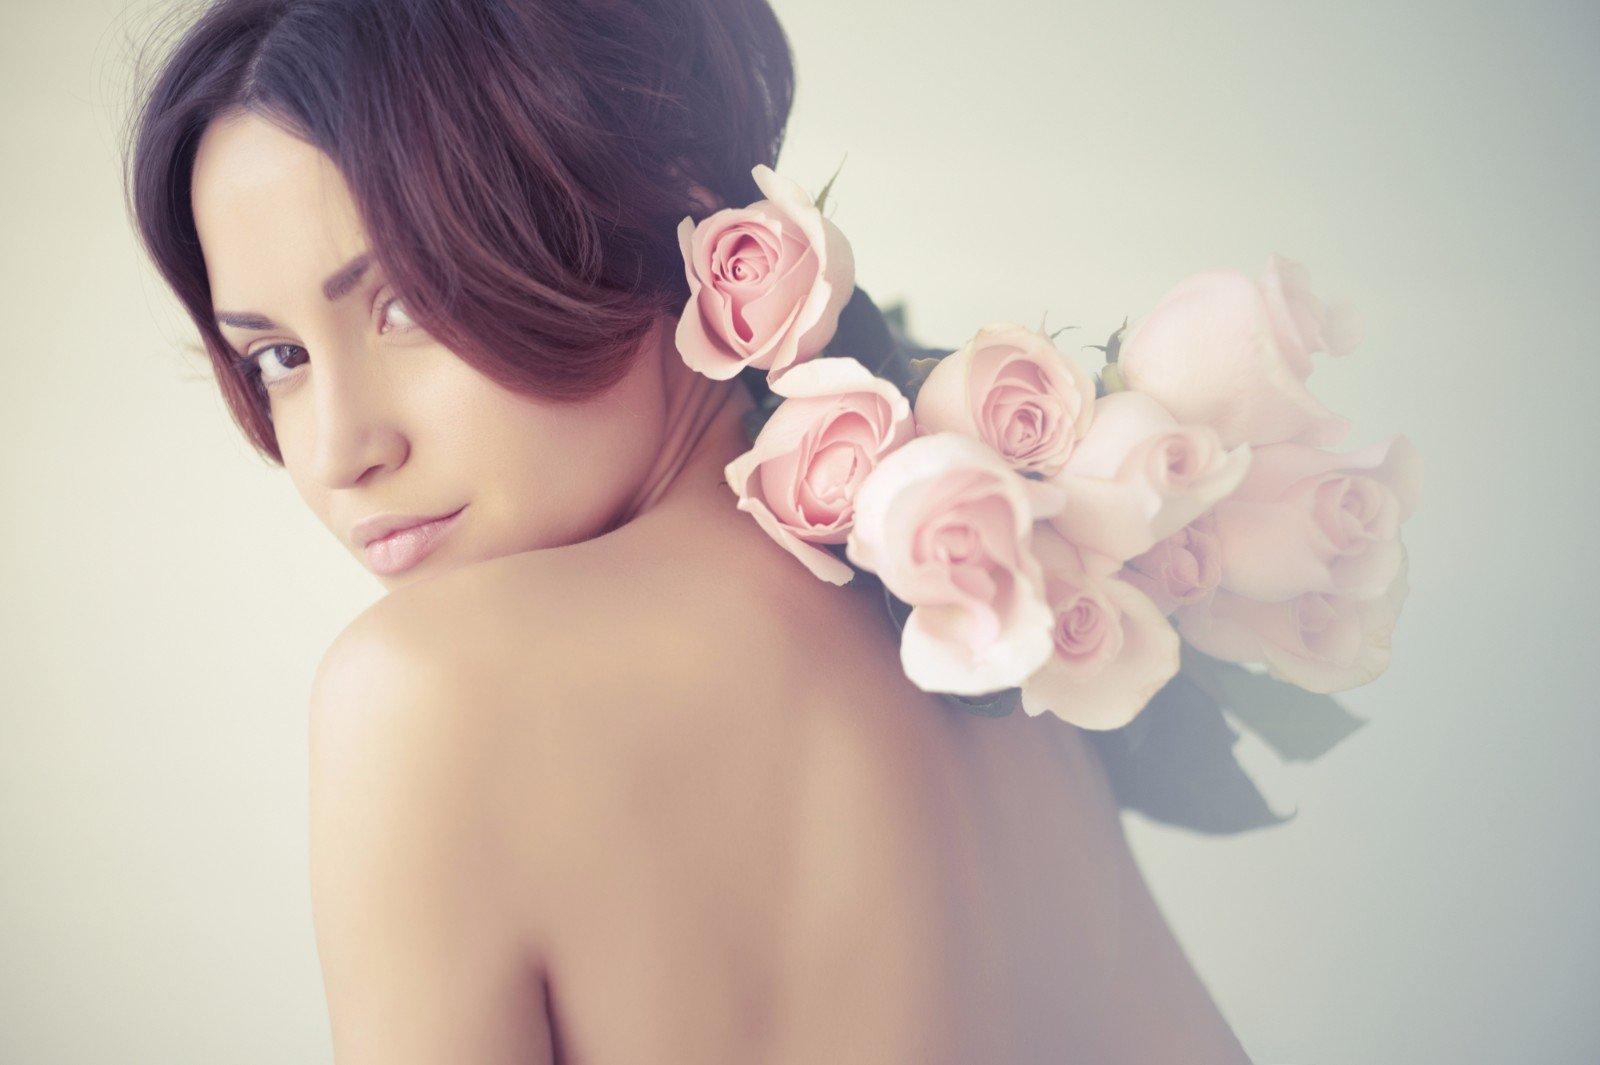 Immagine artistica di donna con rose